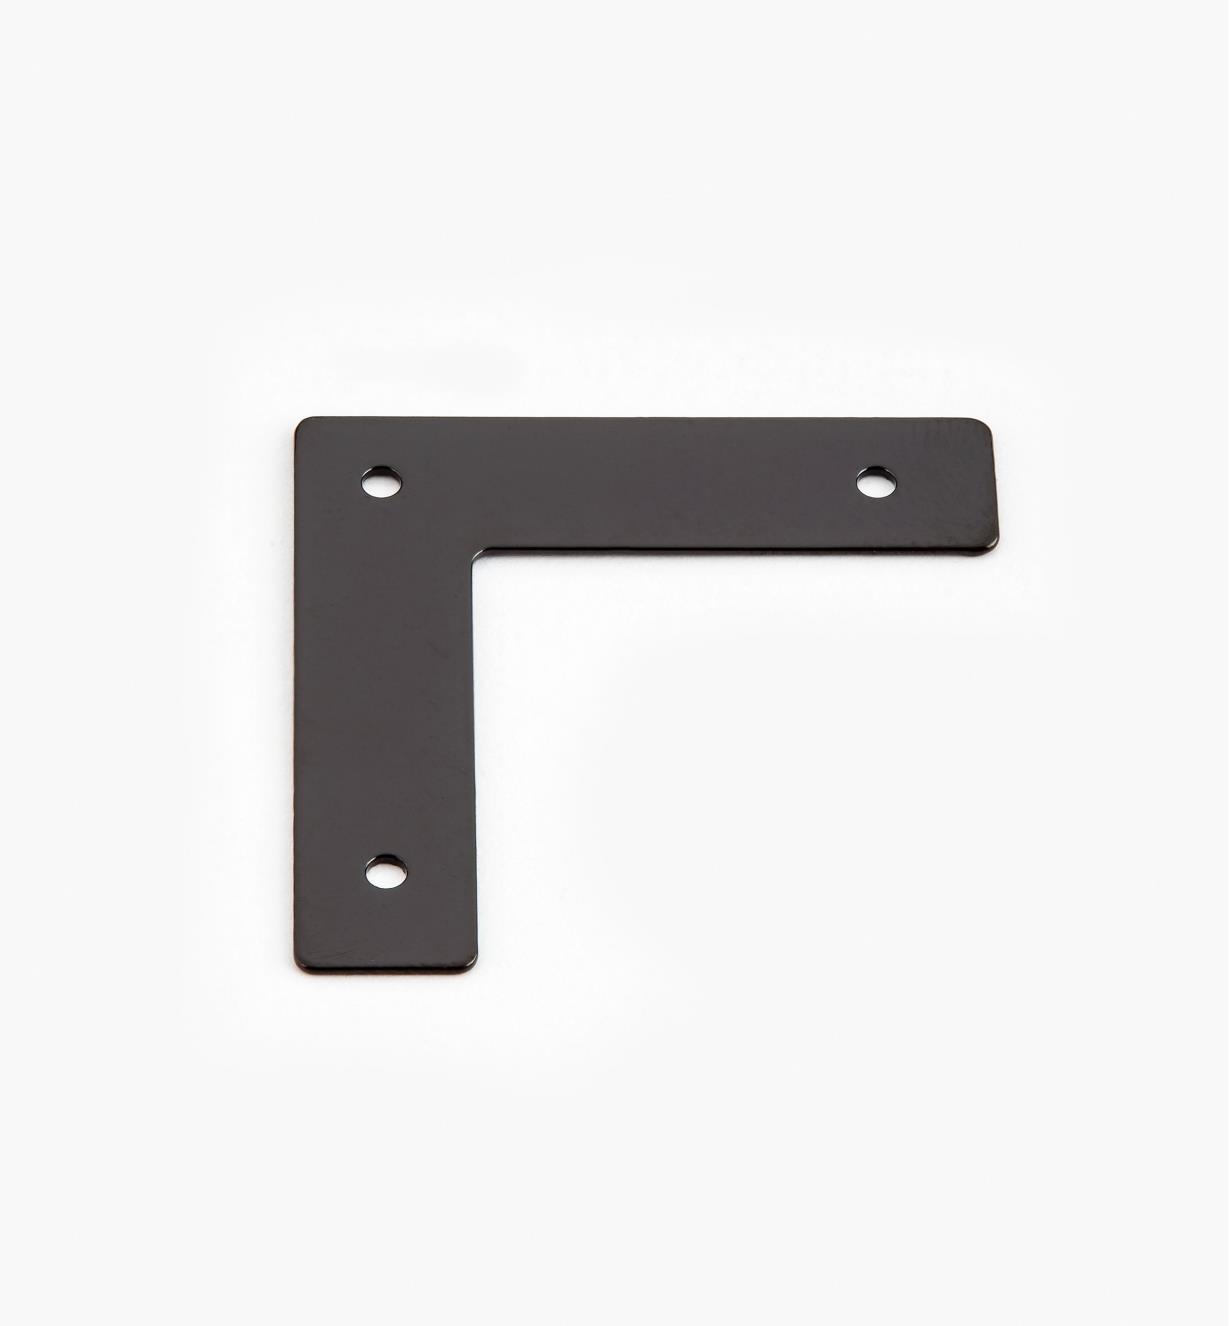 00D5501 - Équerres plates de 32 mm x 32 mm (8 mm), quincaillerie Tansu unie, le paquet de 12